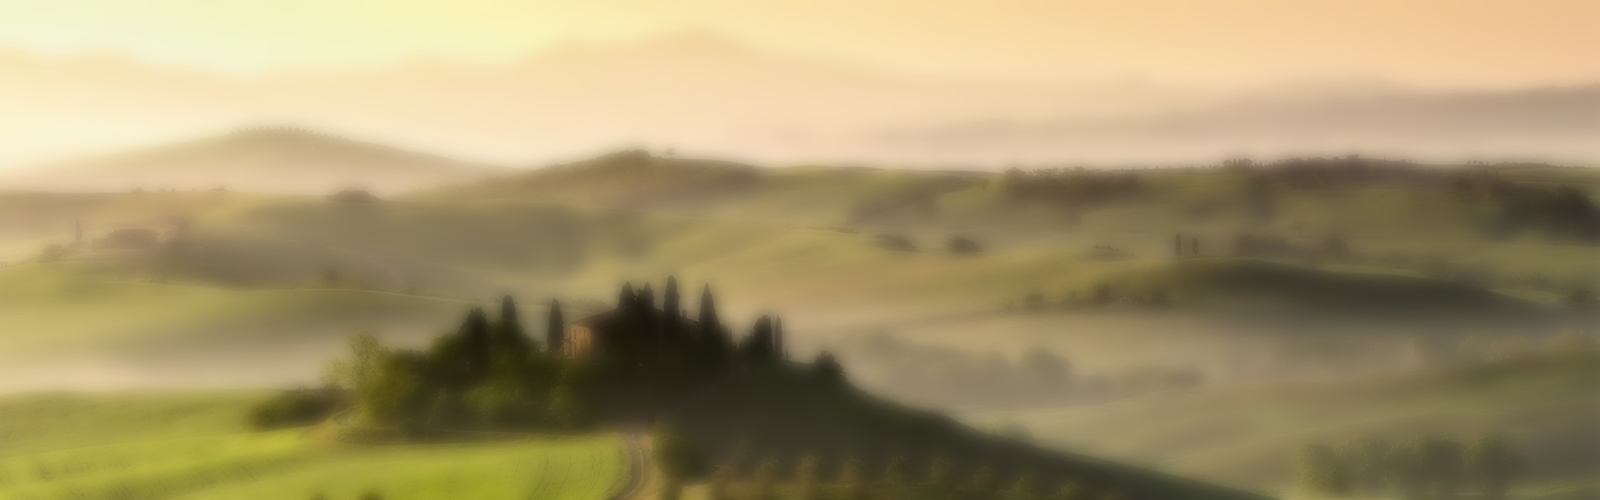 Toscane1600